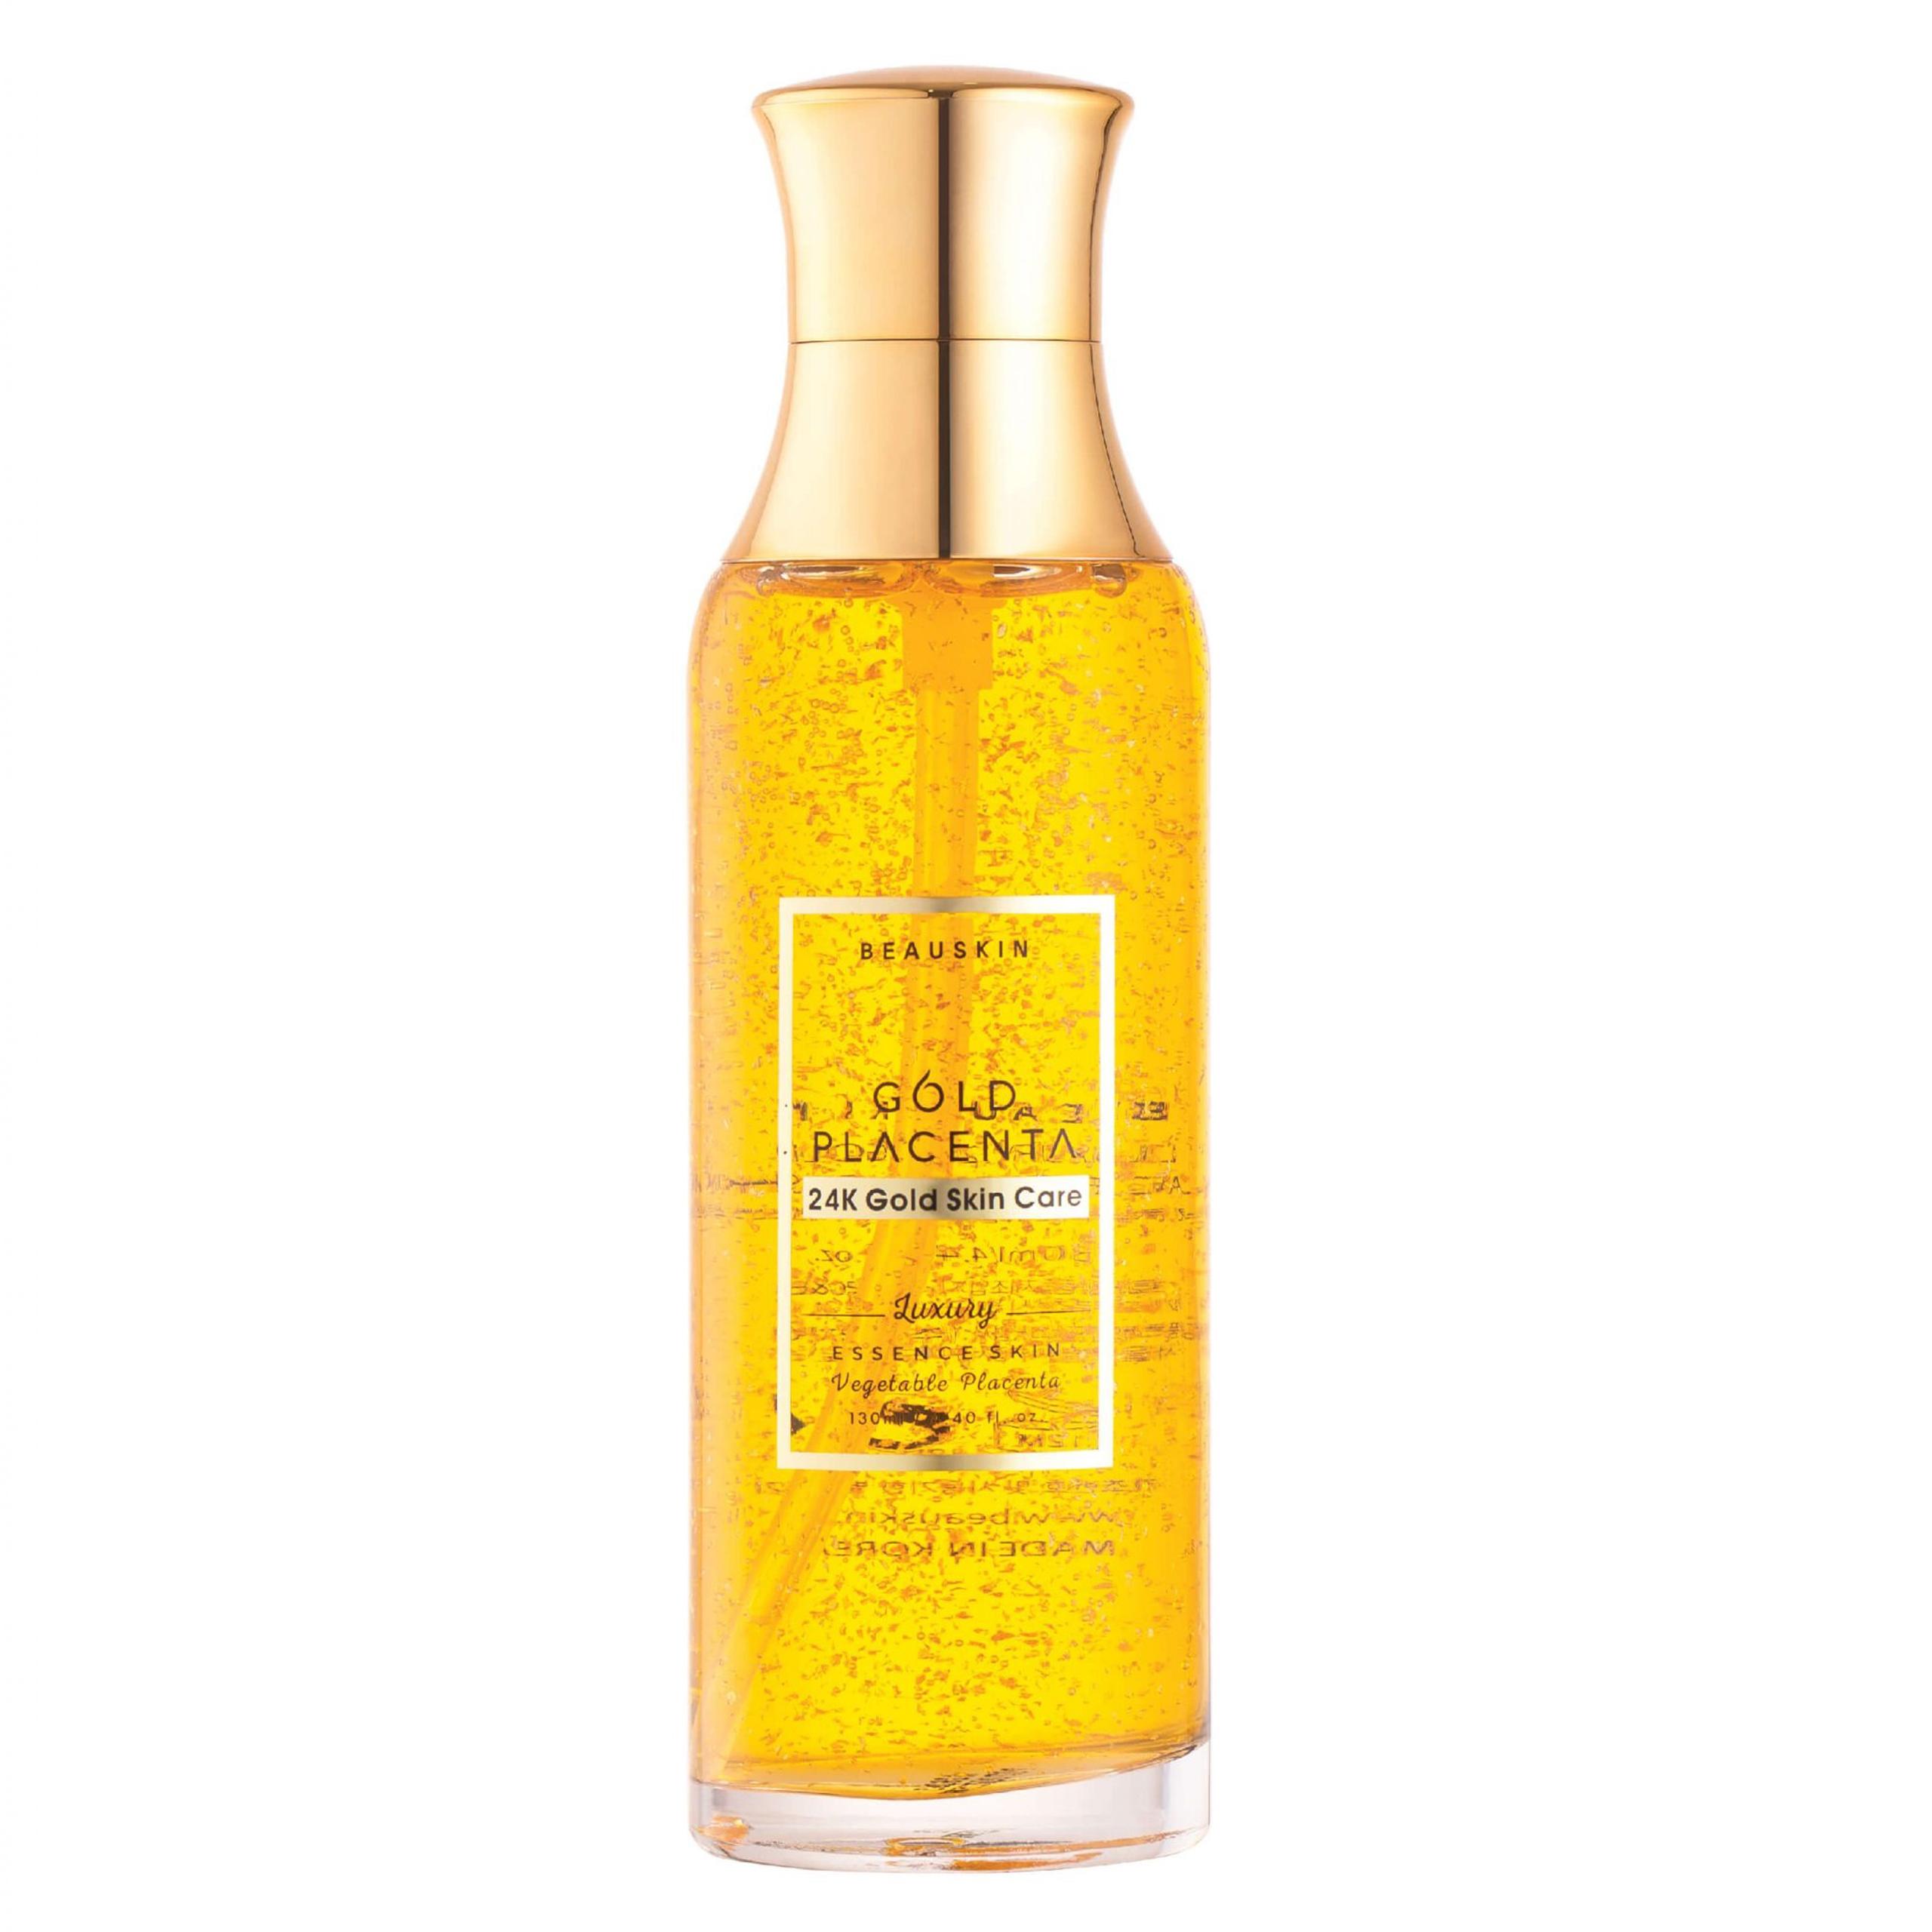 Nước hoa hồng dưỡng ẩm se khít lỗ chân lông Beauskin Placeta gold Hàn Quốc 130ml tặng kèm móc khóa